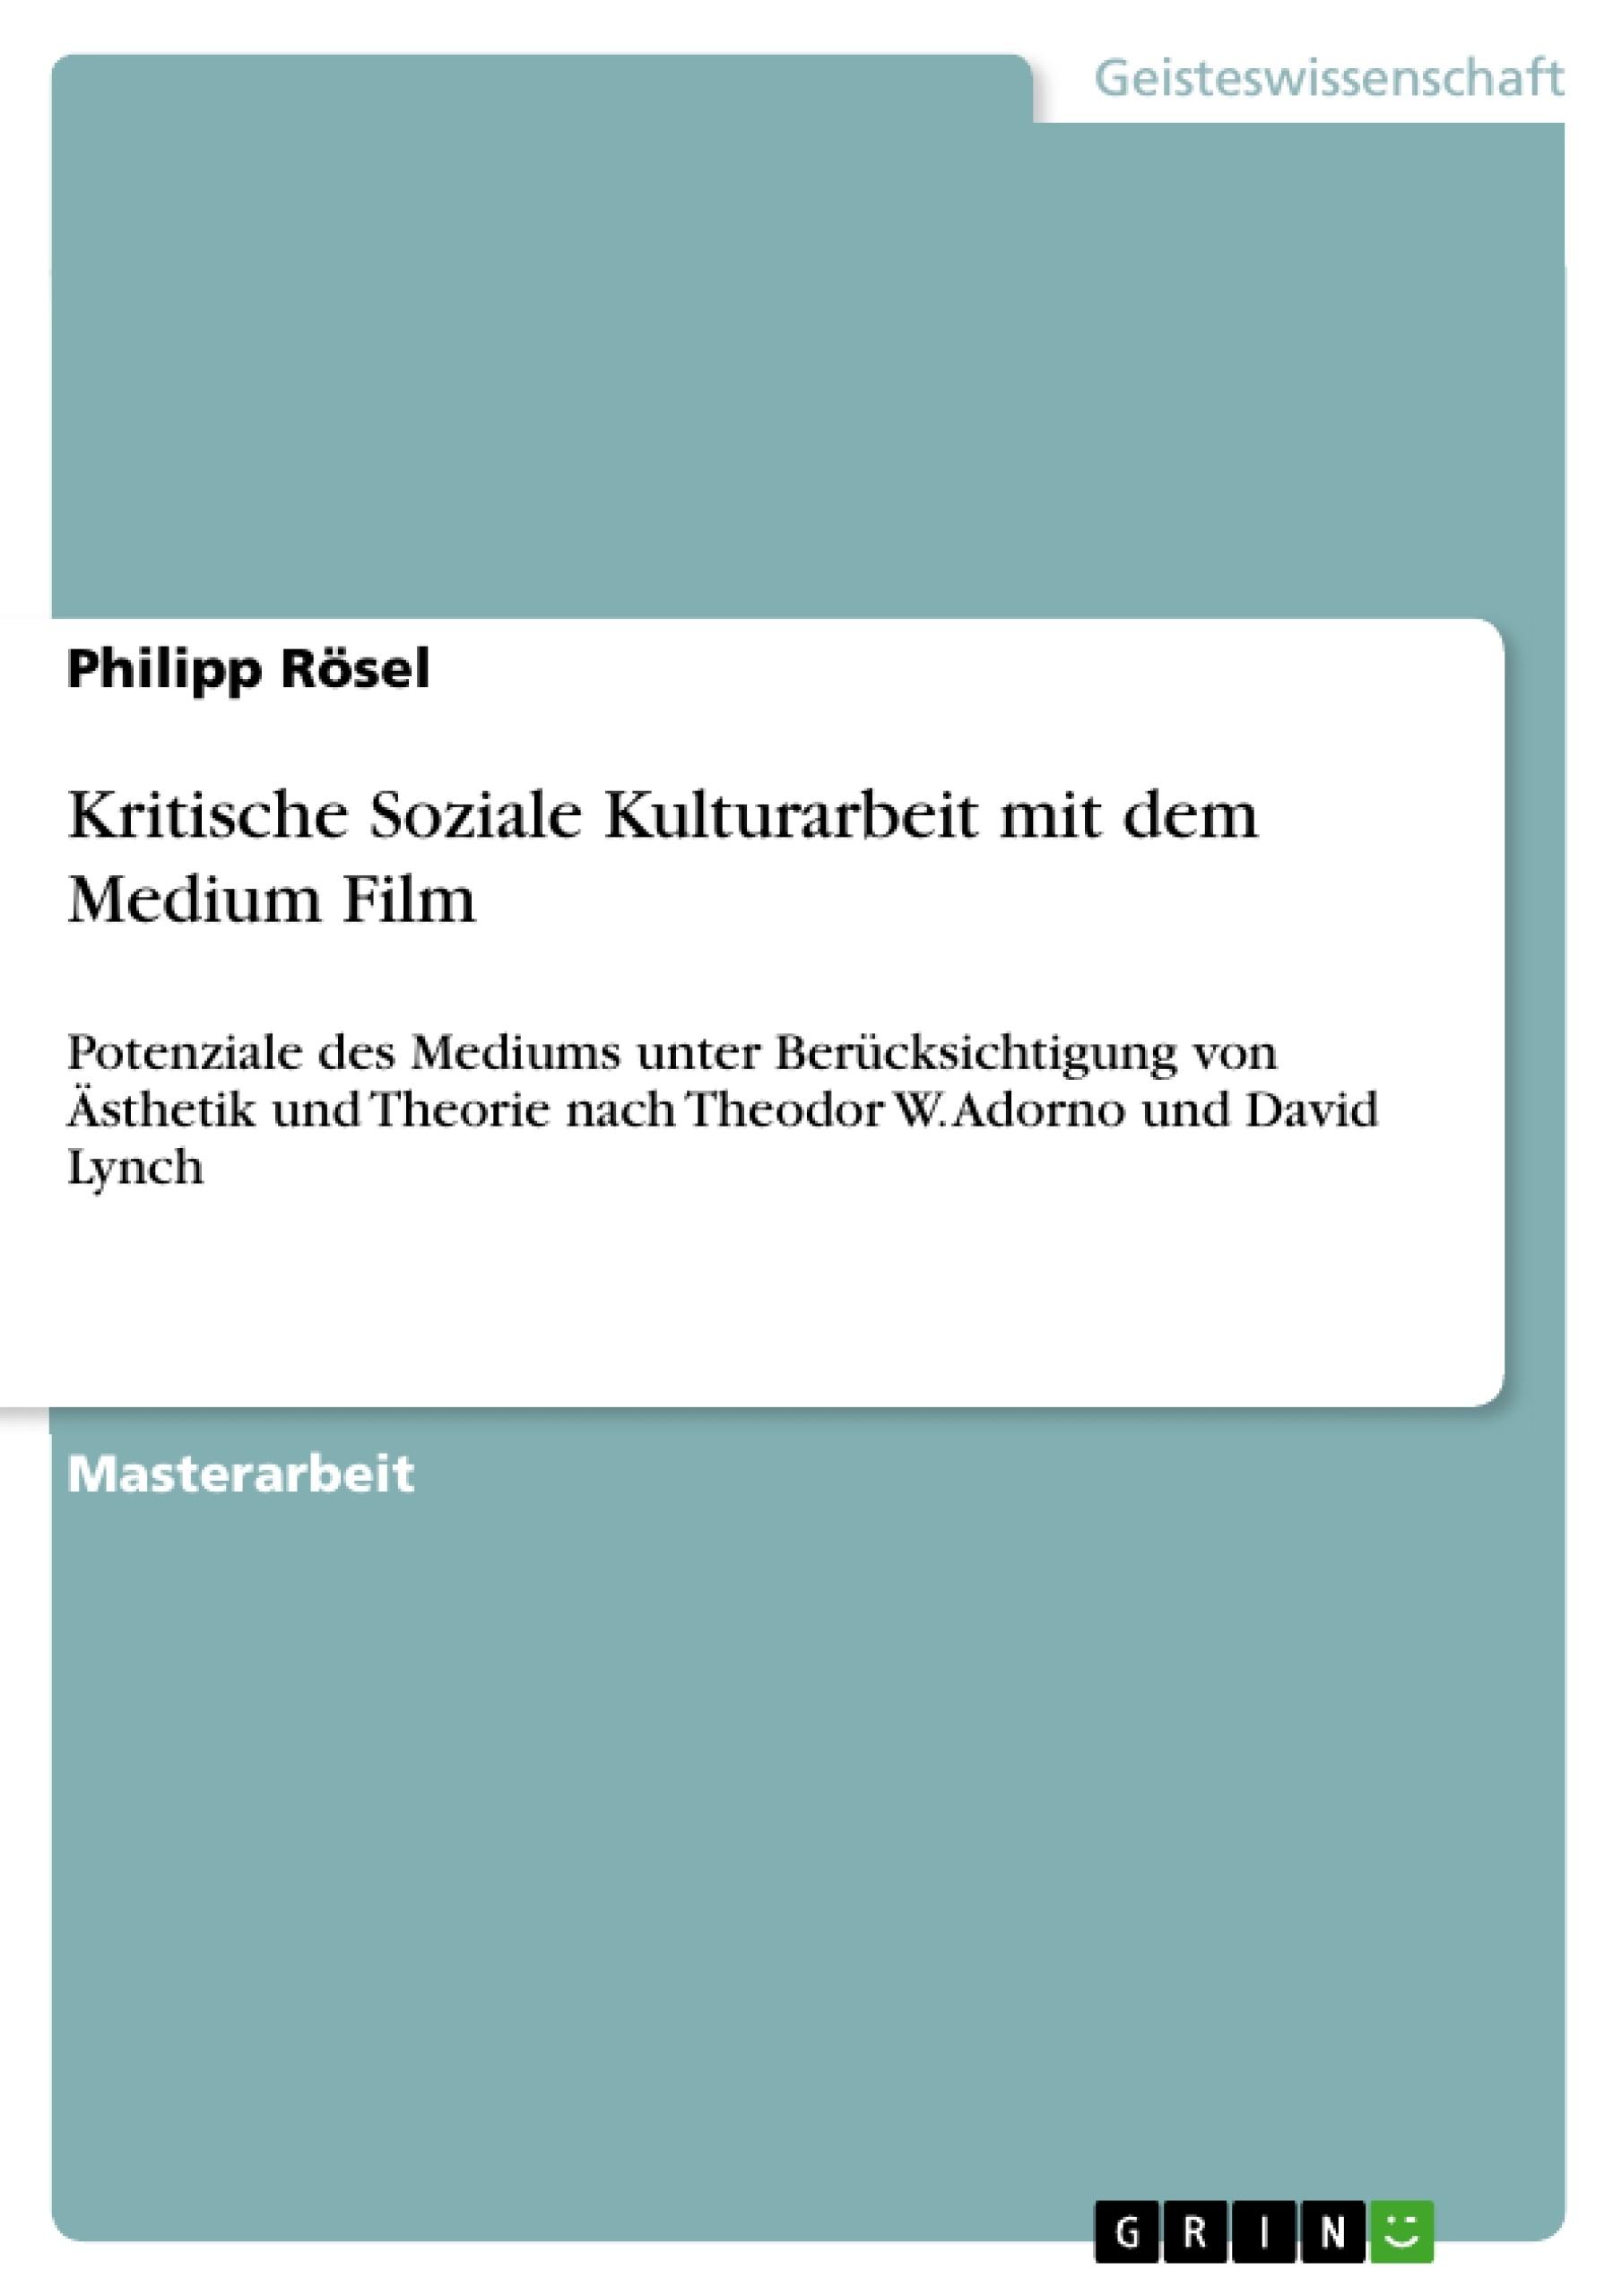 Titel: Kritische Soziale Kulturarbeit mit dem Medium Film